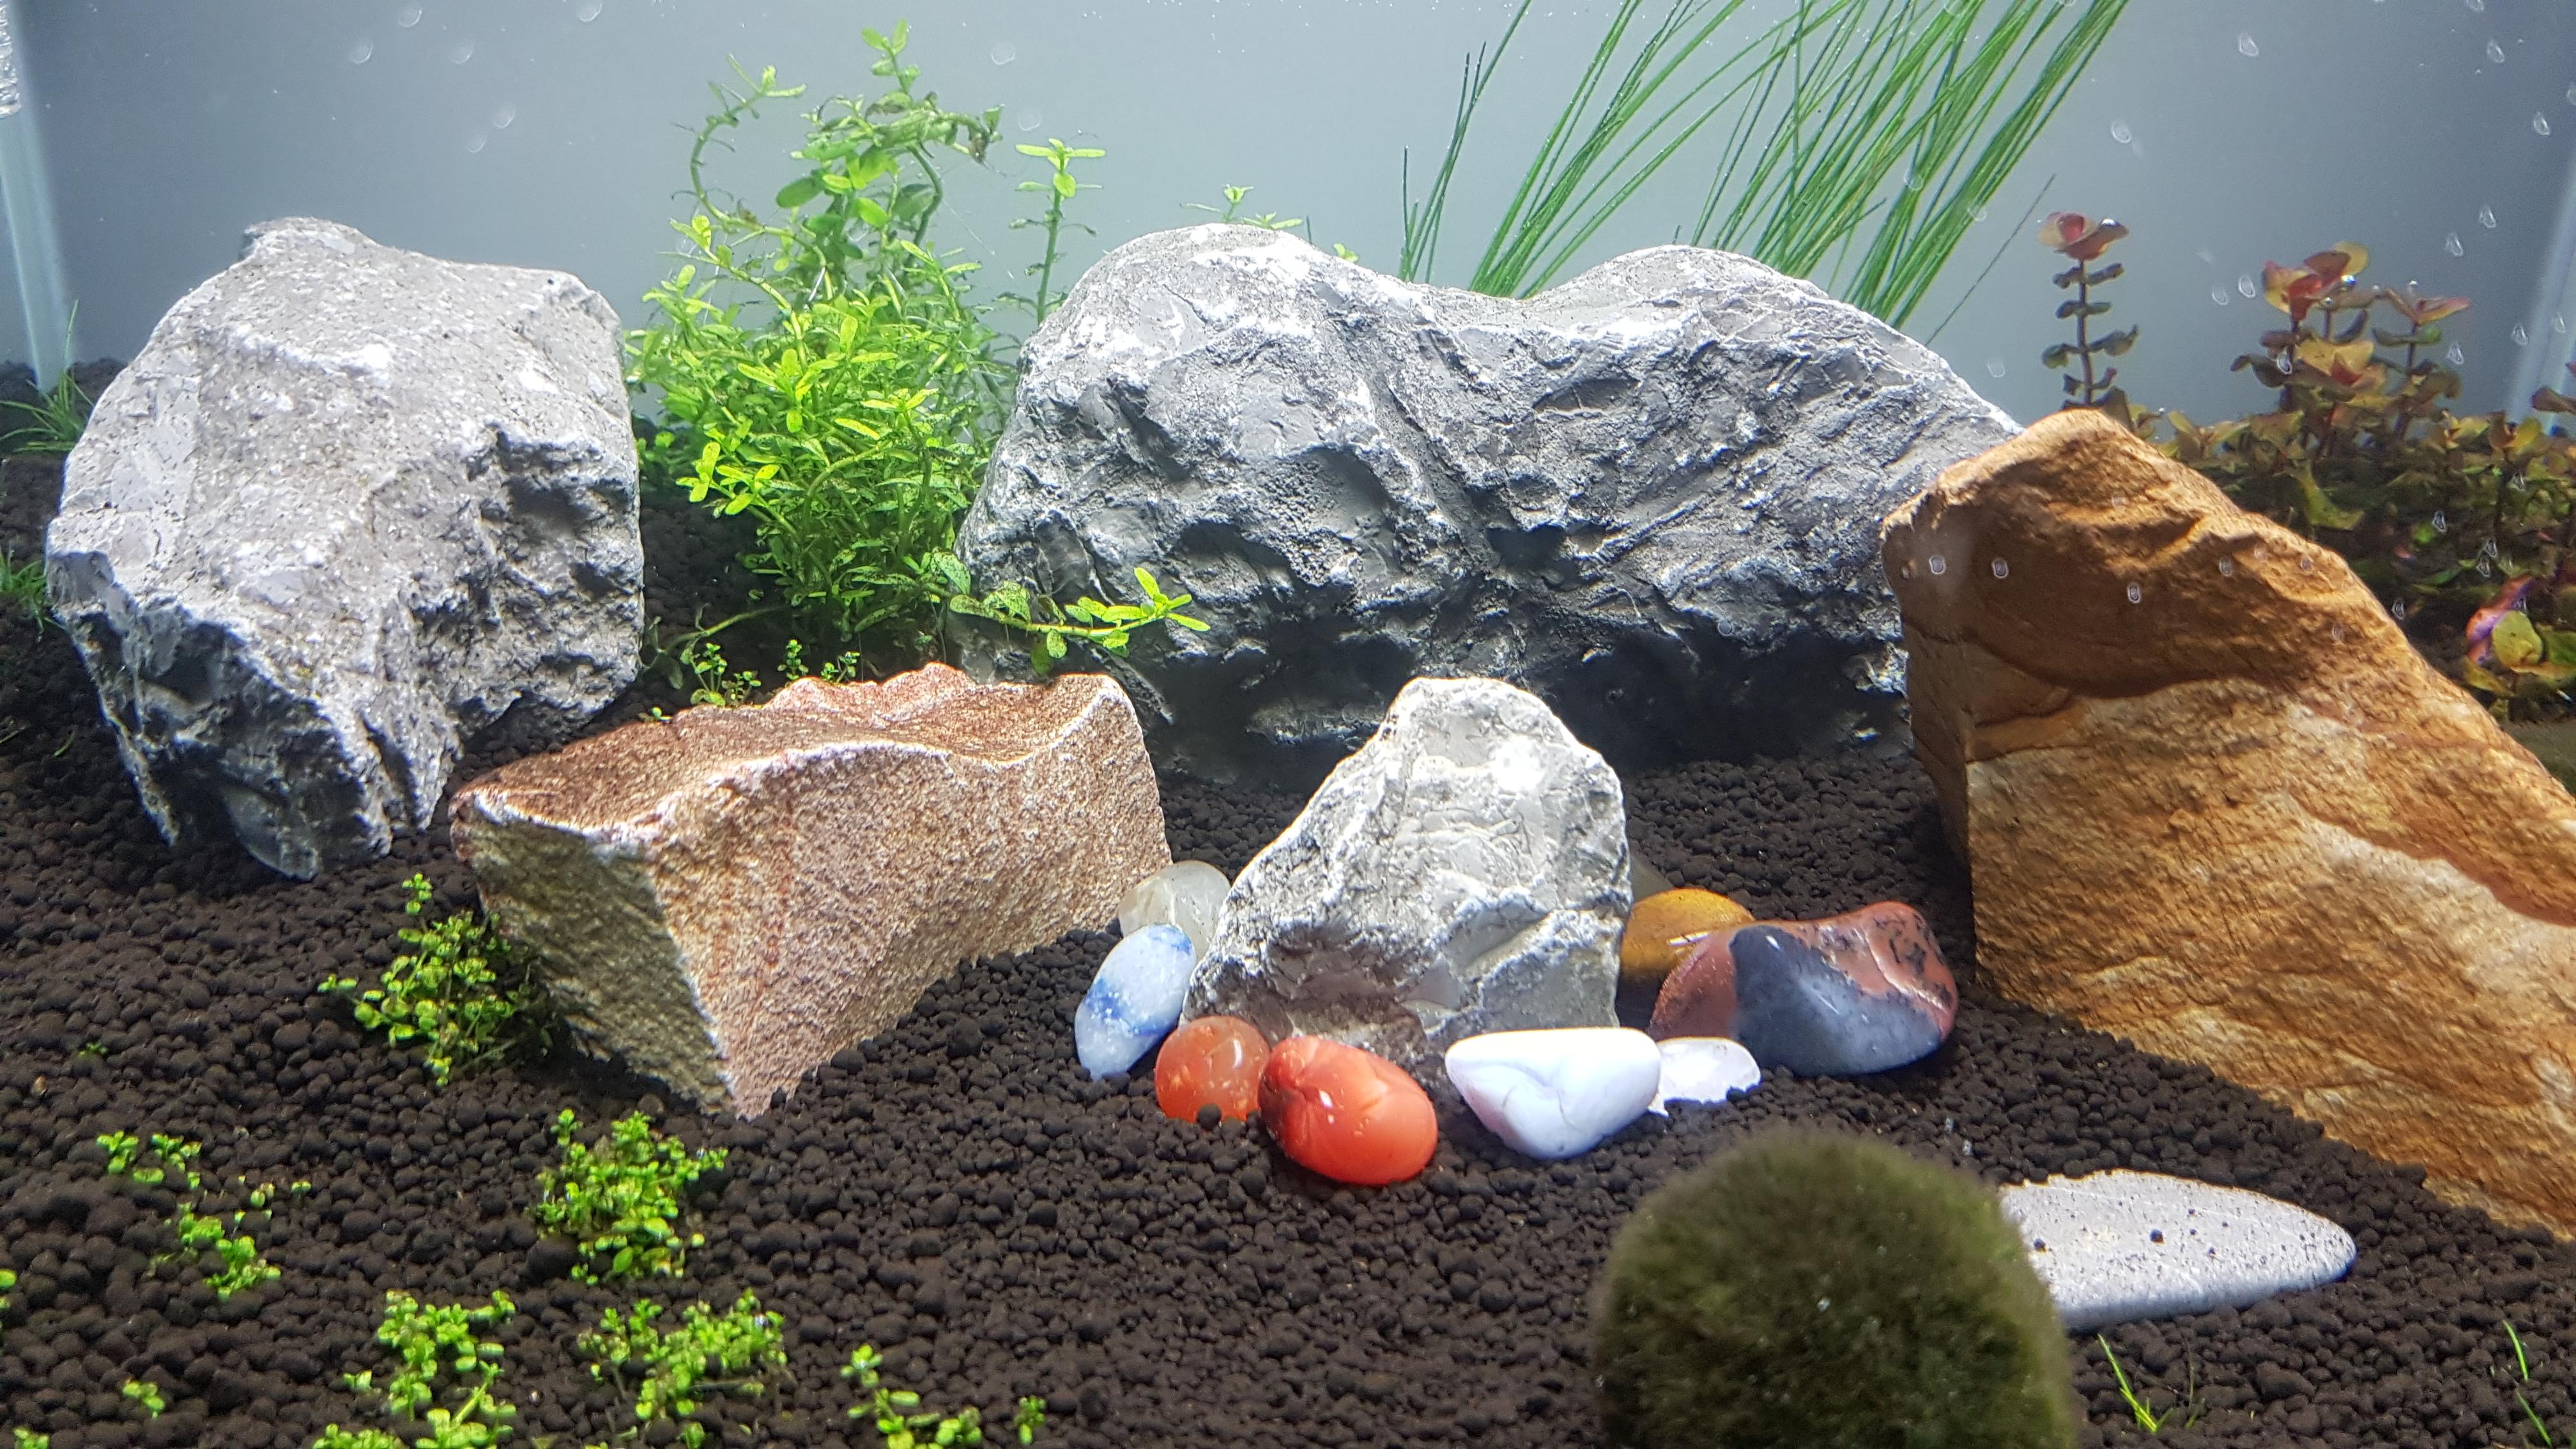 steine f r aquarium ok fische garnelen kalk. Black Bedroom Furniture Sets. Home Design Ideas